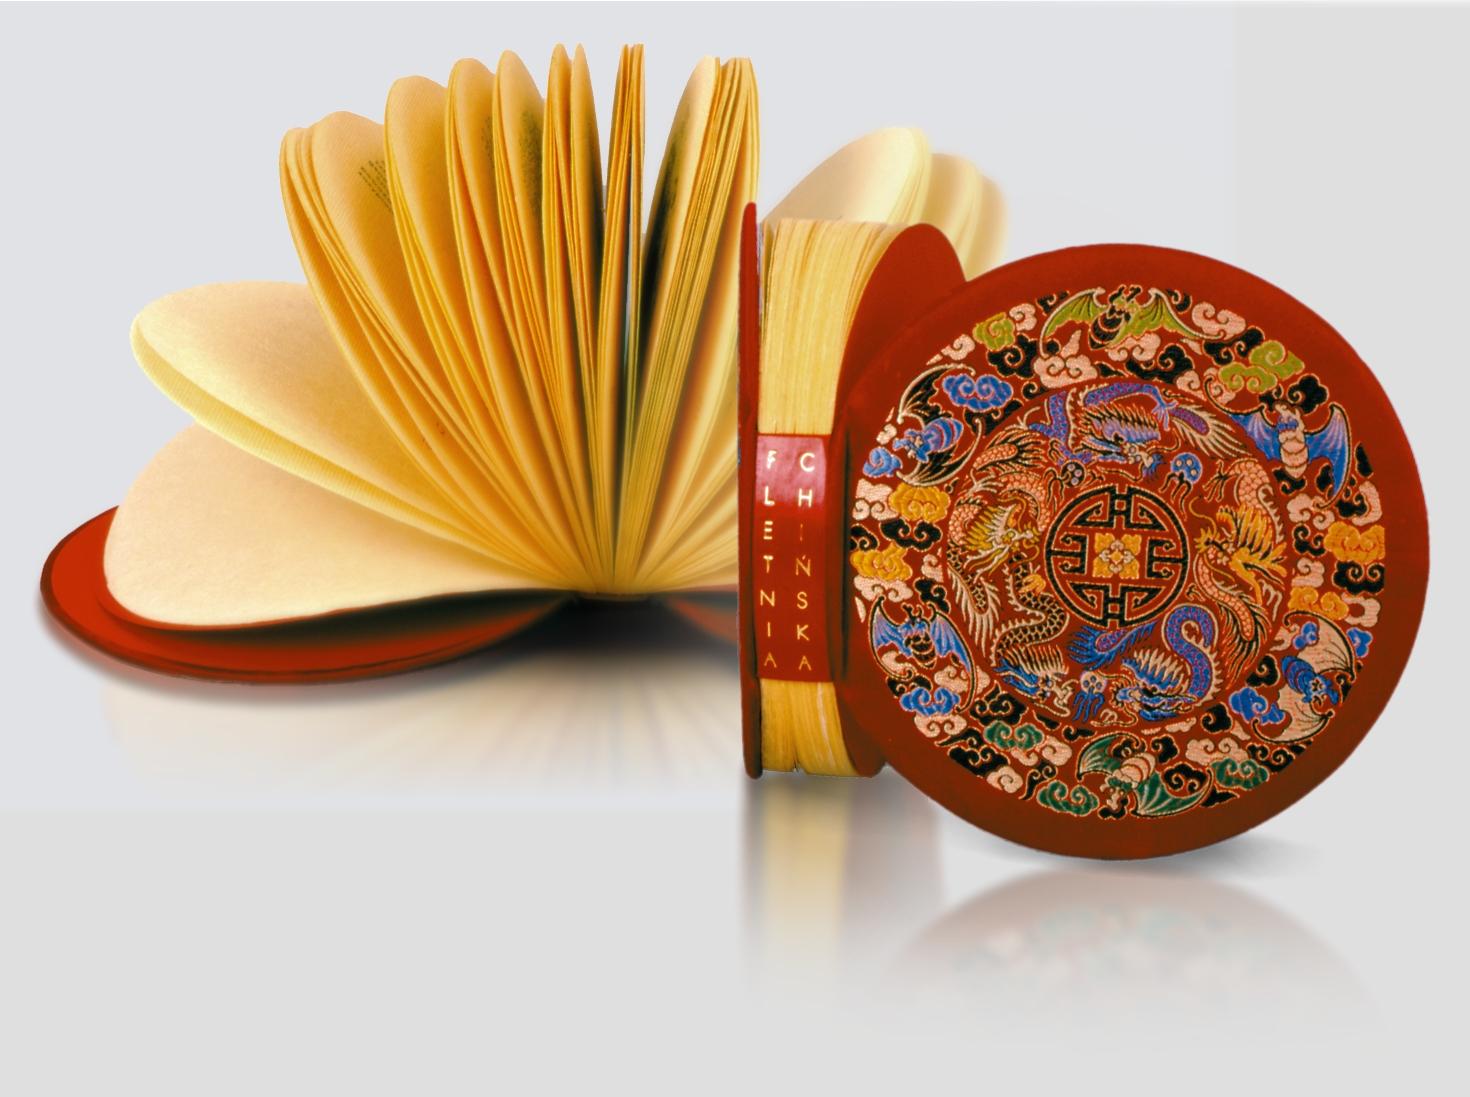 Fletnia chińska książka kolekcjonerska wydanie luksusowe oryginalny prezent poezja chińska